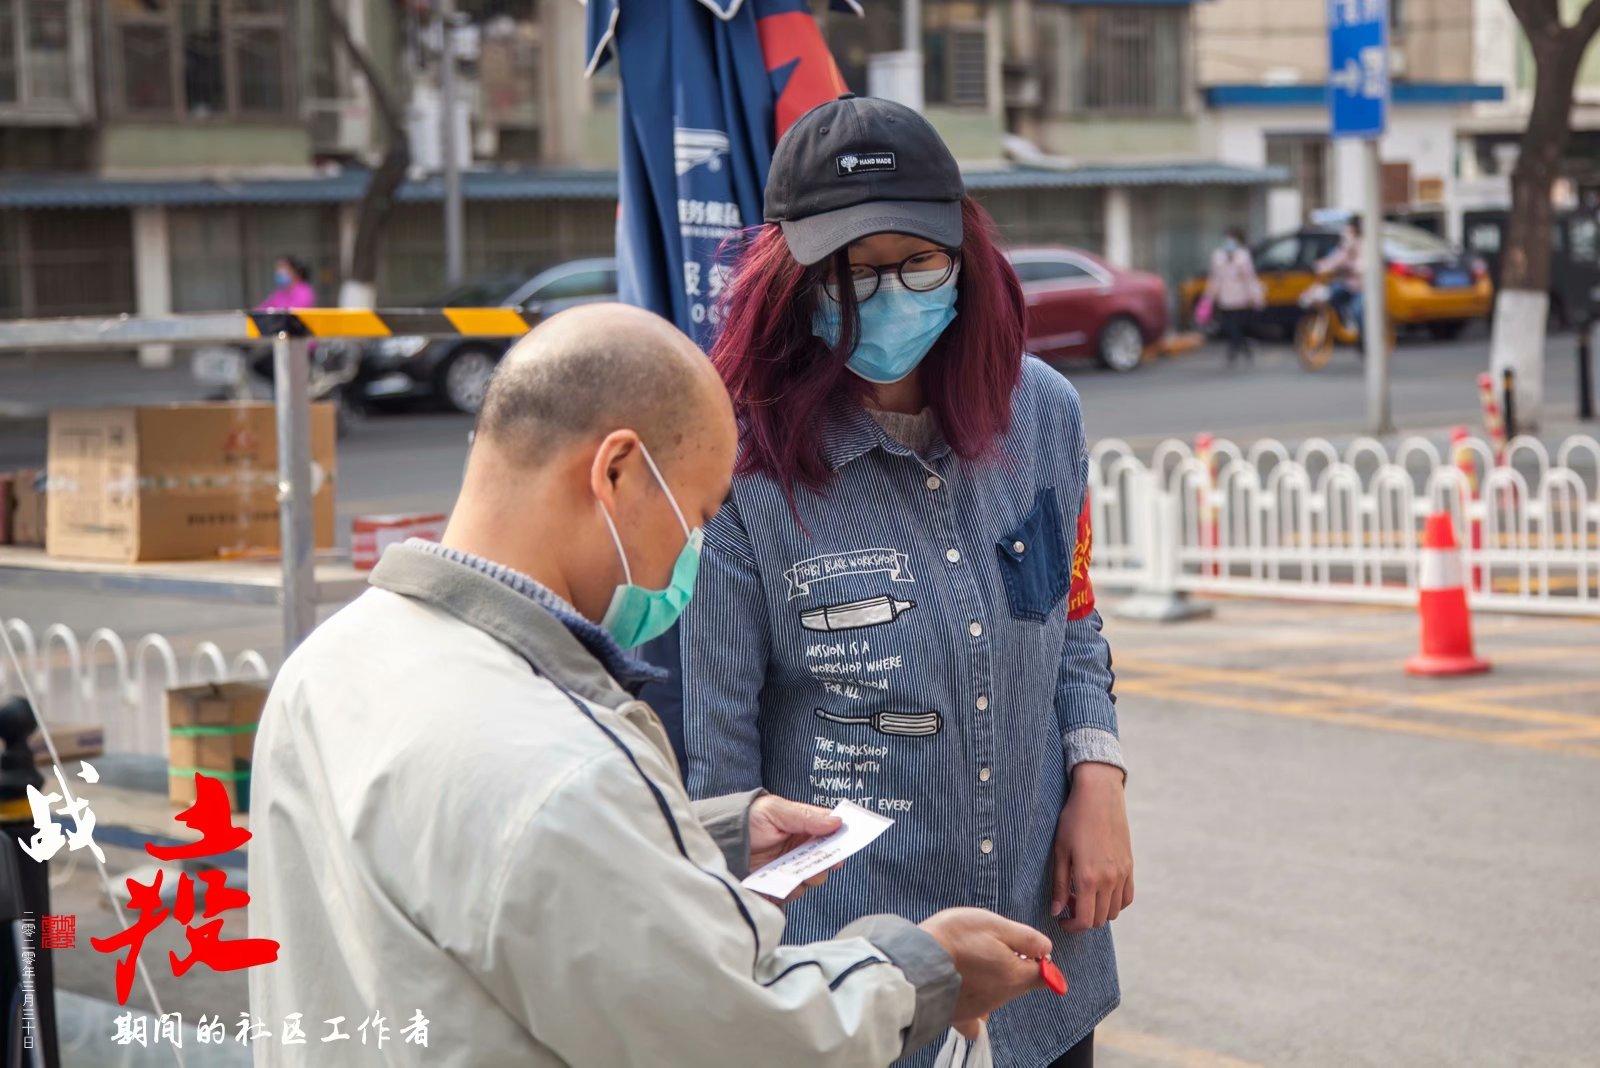 疫情爆发以来第八次进入社区去记录,也是第二次来到东花市地区。